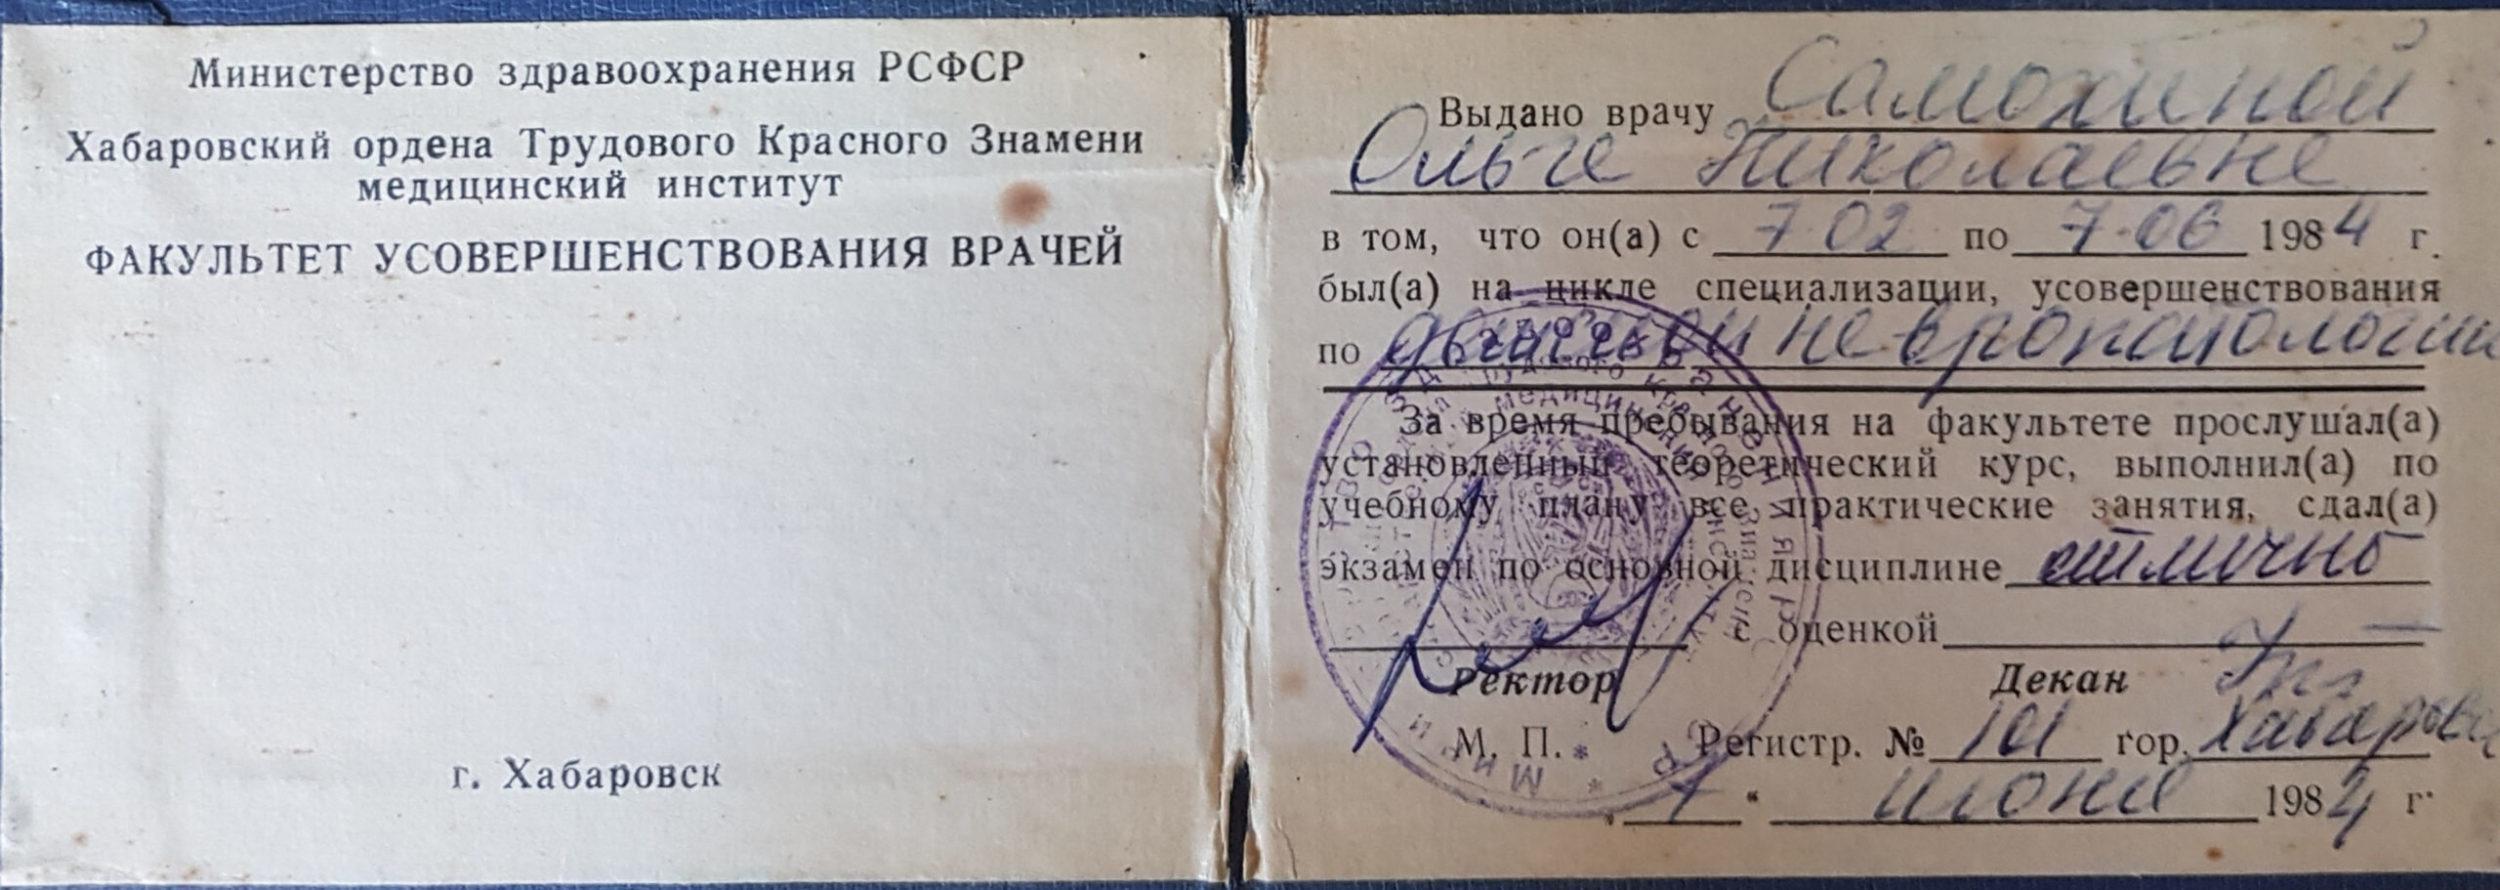 Александрова 3